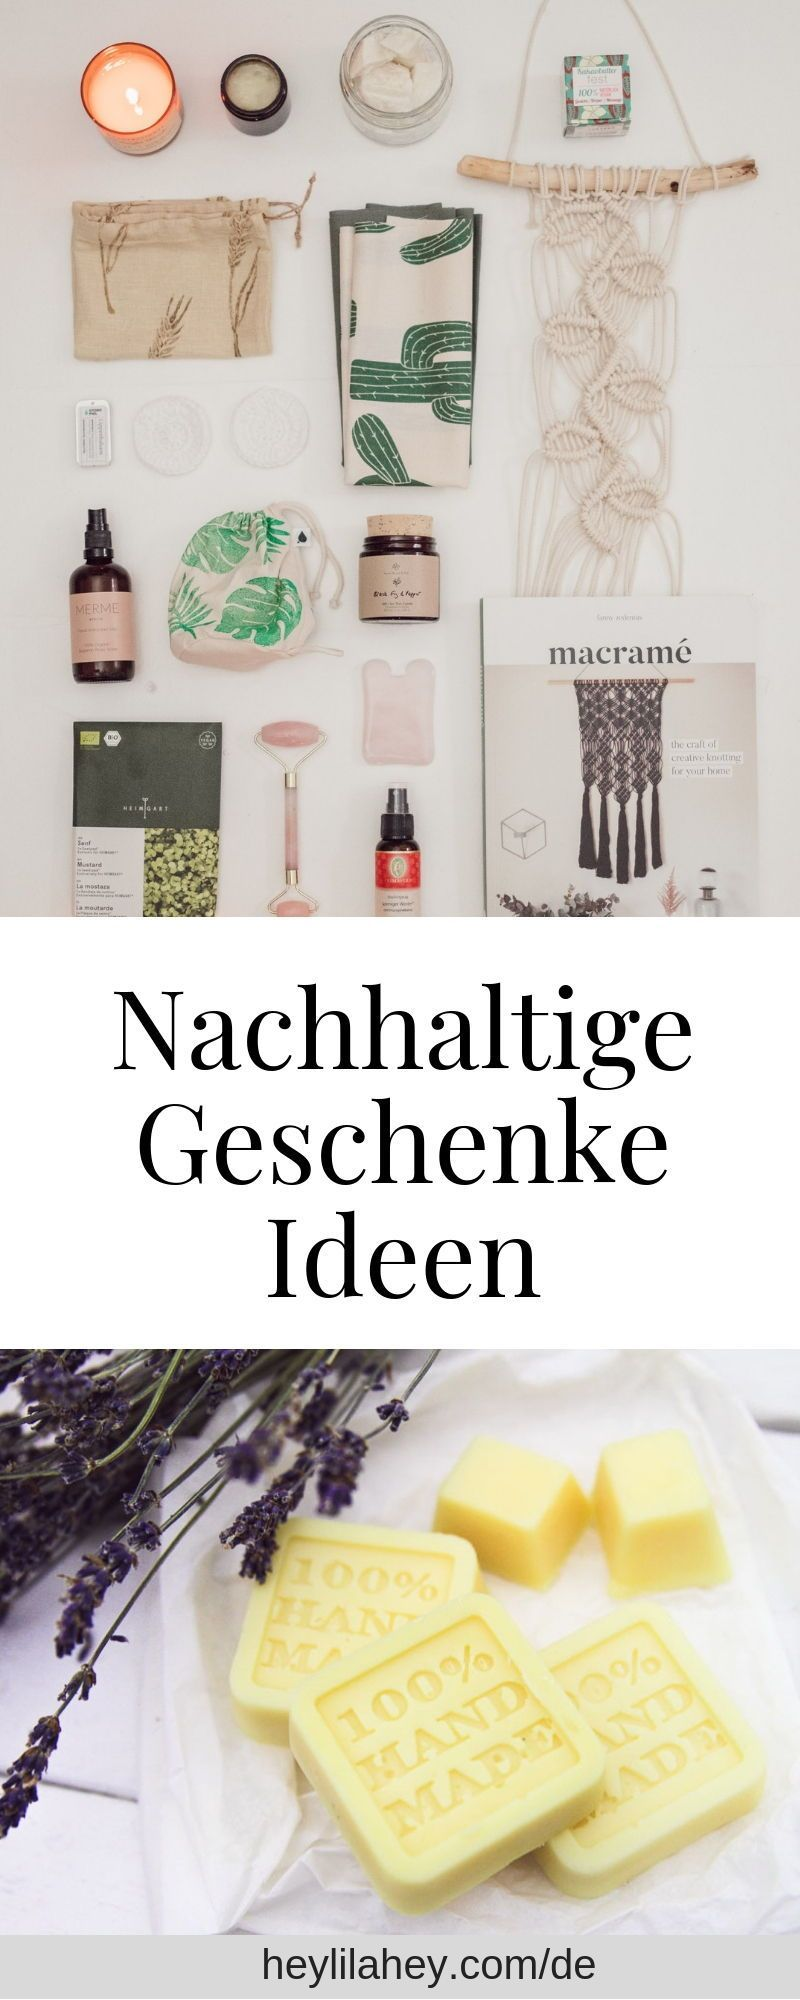 Photo of Nachhaltige Geschenkideen Zero Waste, Naturkosmetik & Charity – heylilahey. – My Blog